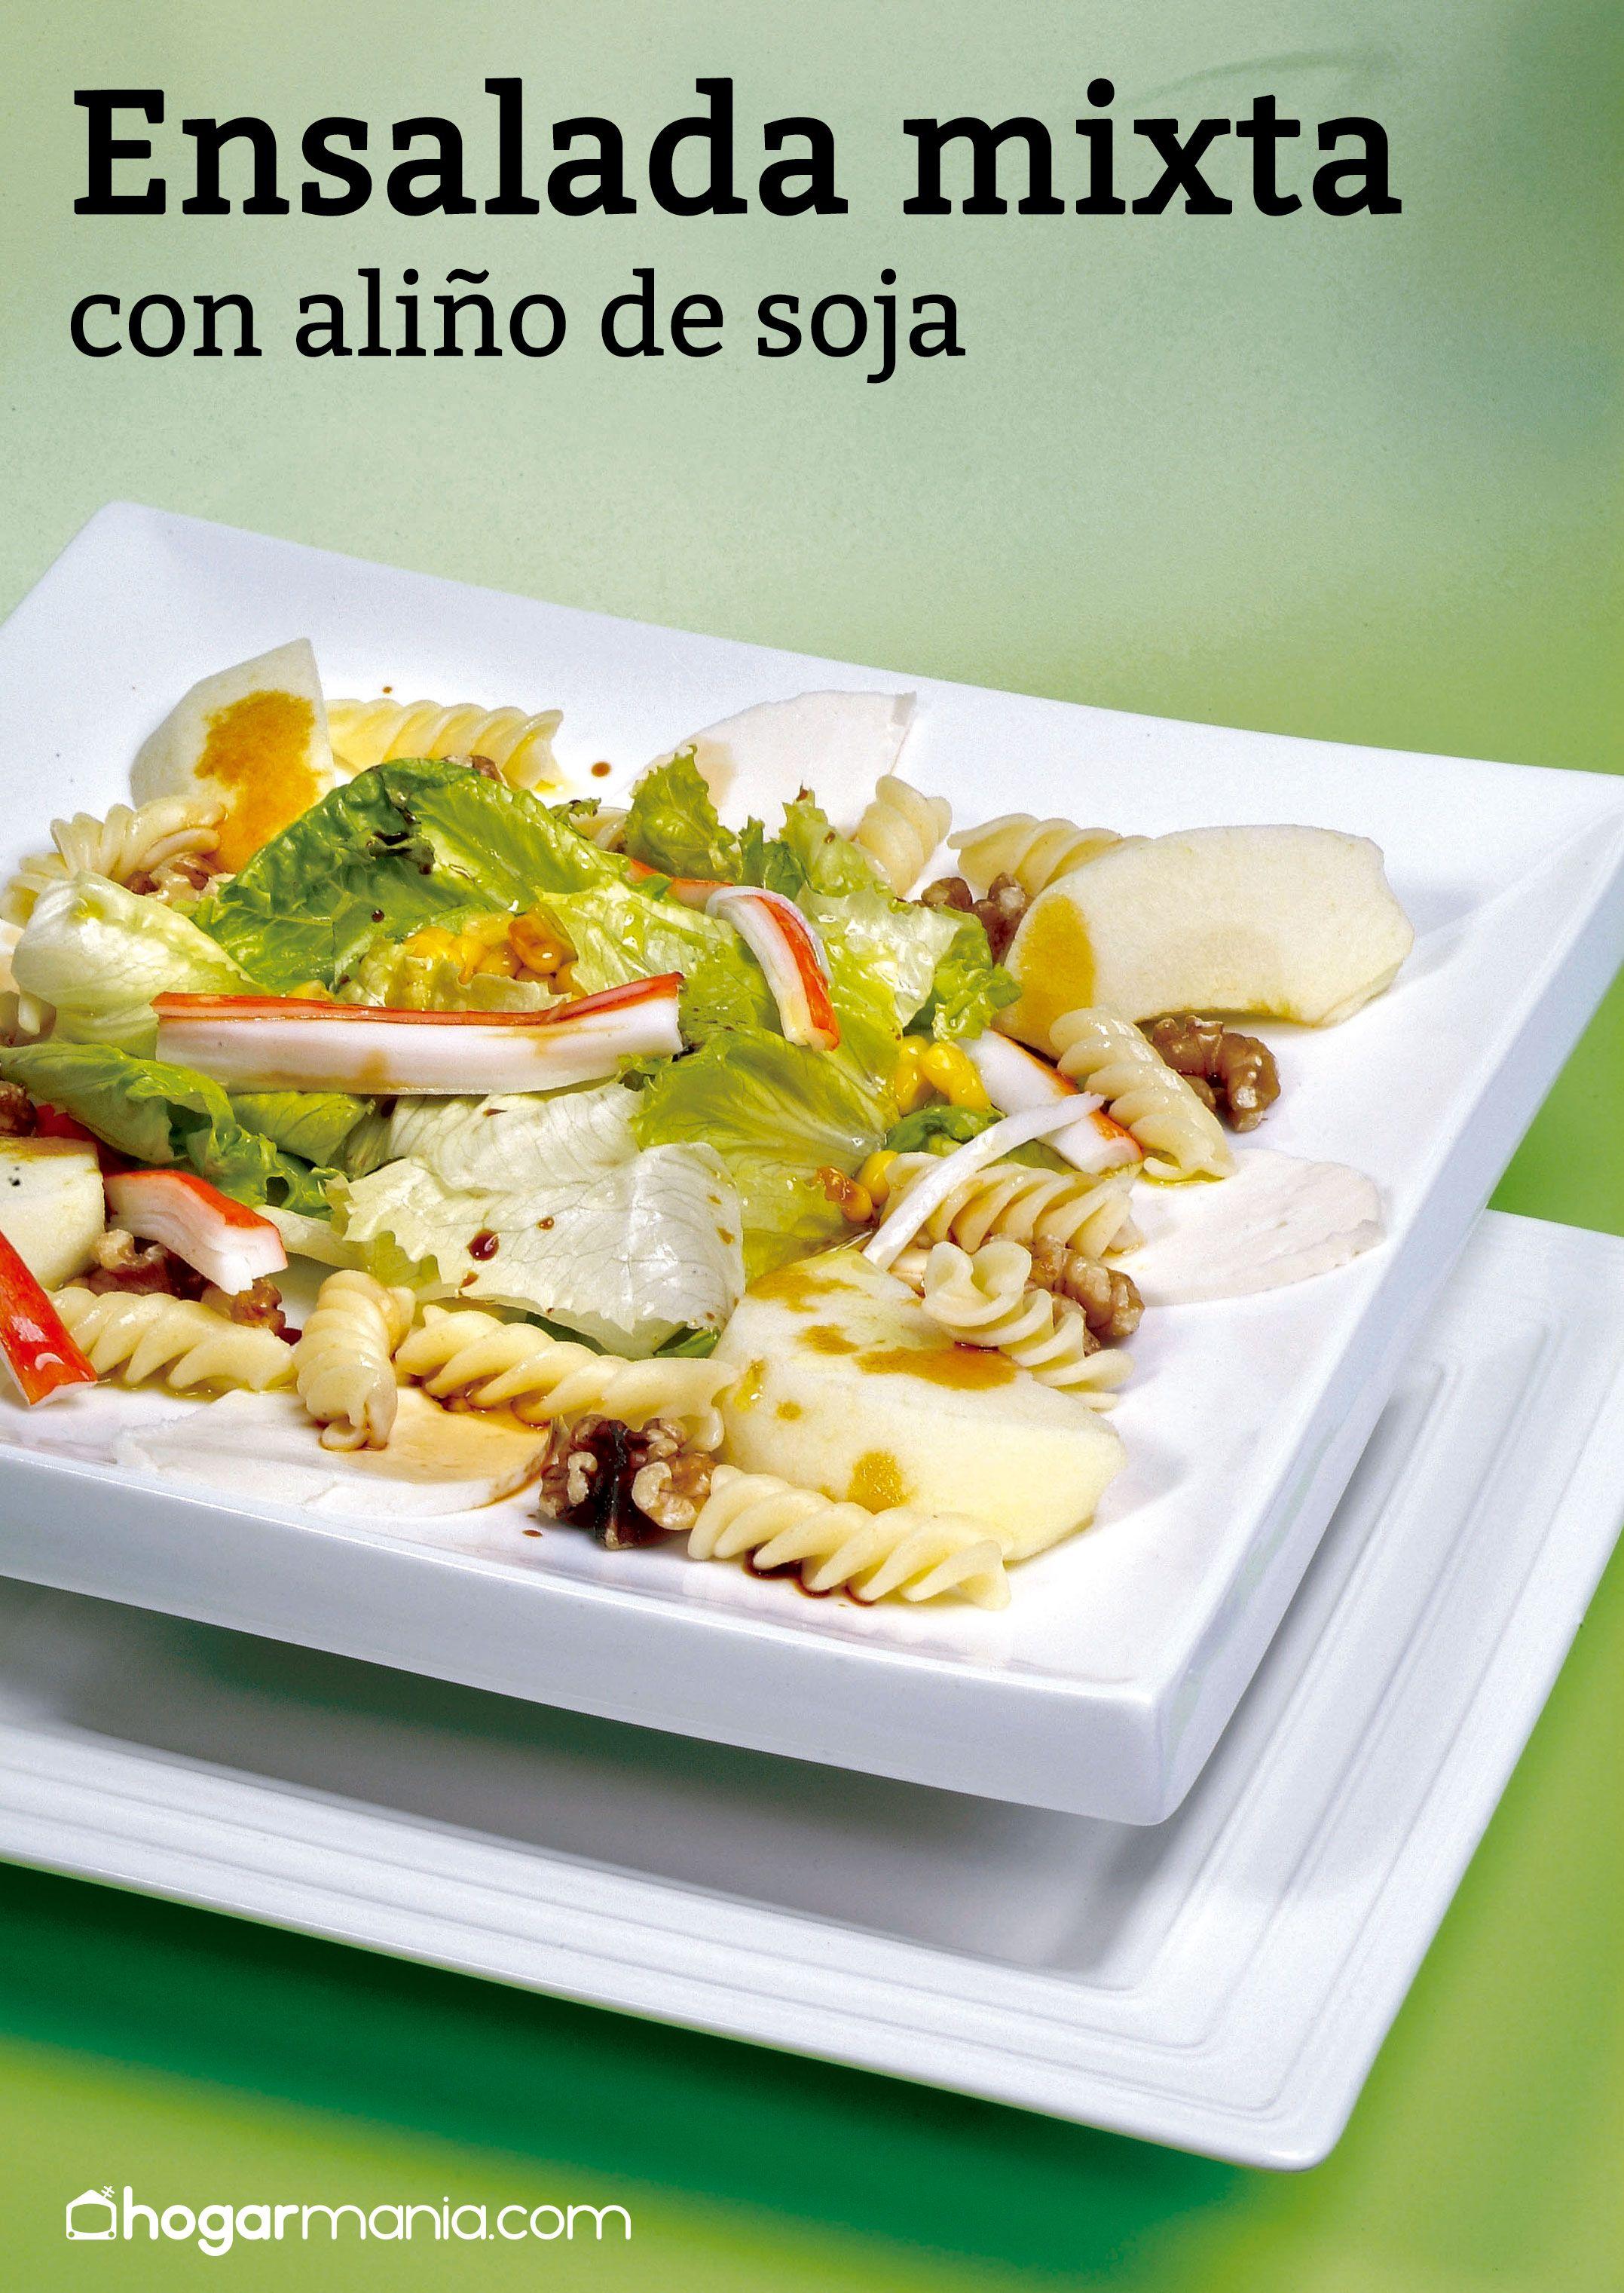 Ensalada mixta con aliño de soja